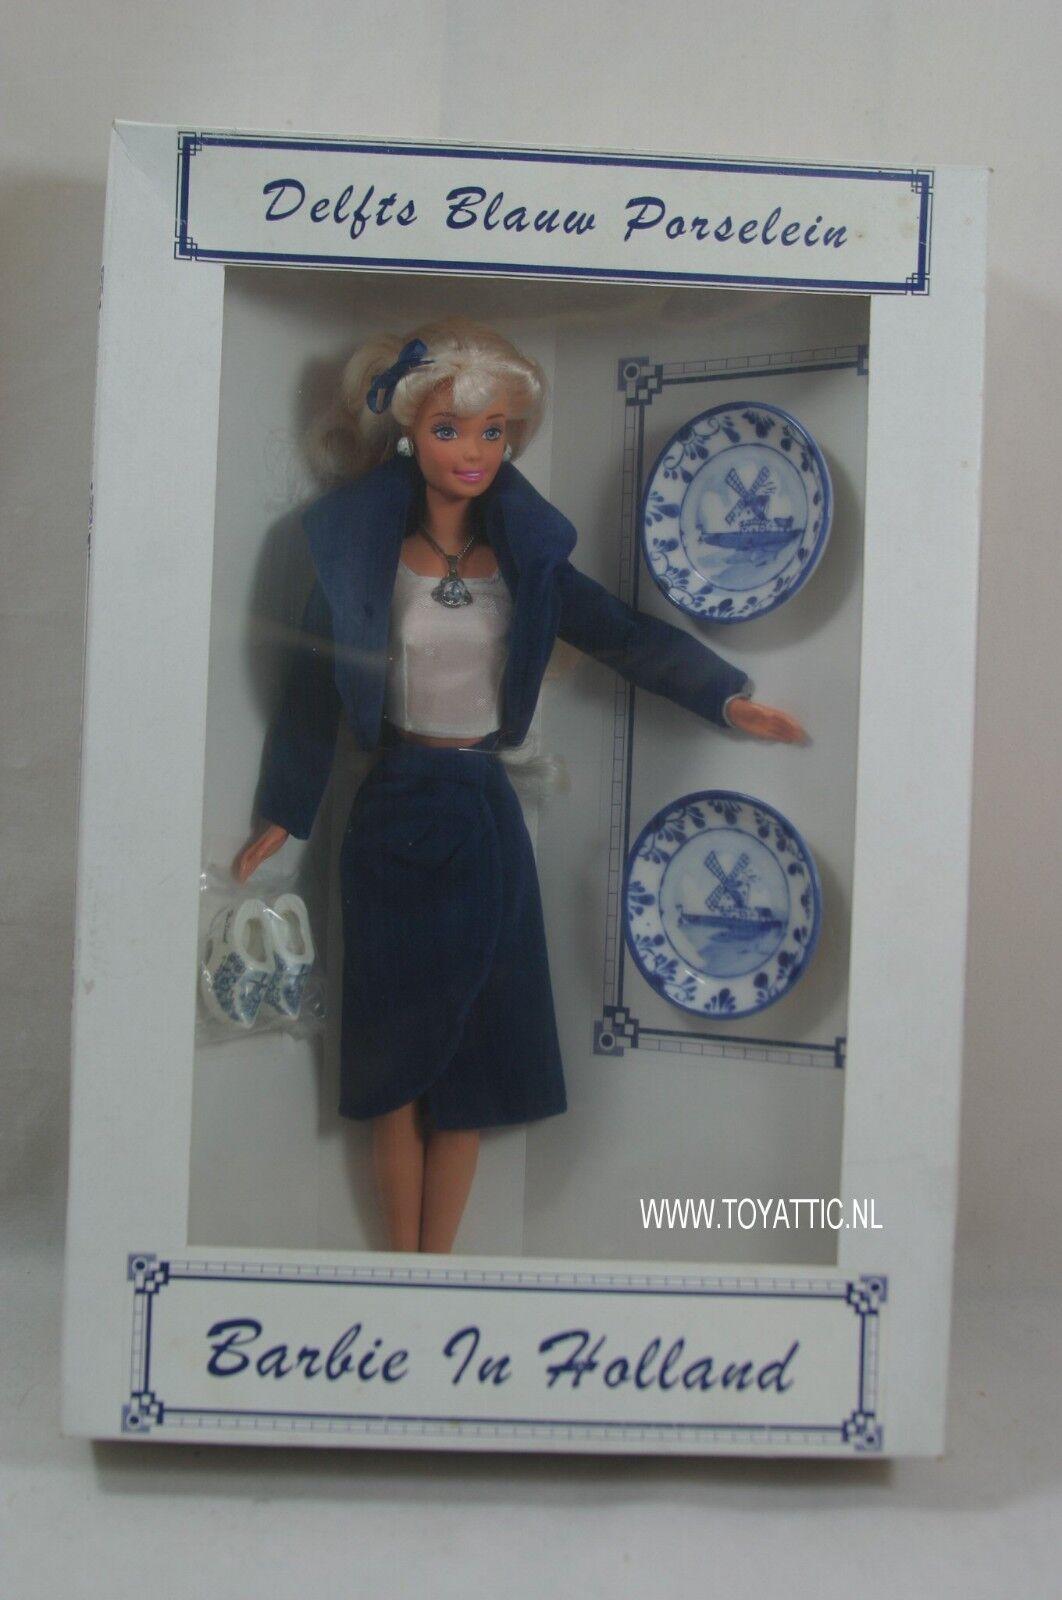 Convenio holandés muñeca Barbie en Holanda desde 1999 azul de Delft Países Bajos en Caja Original